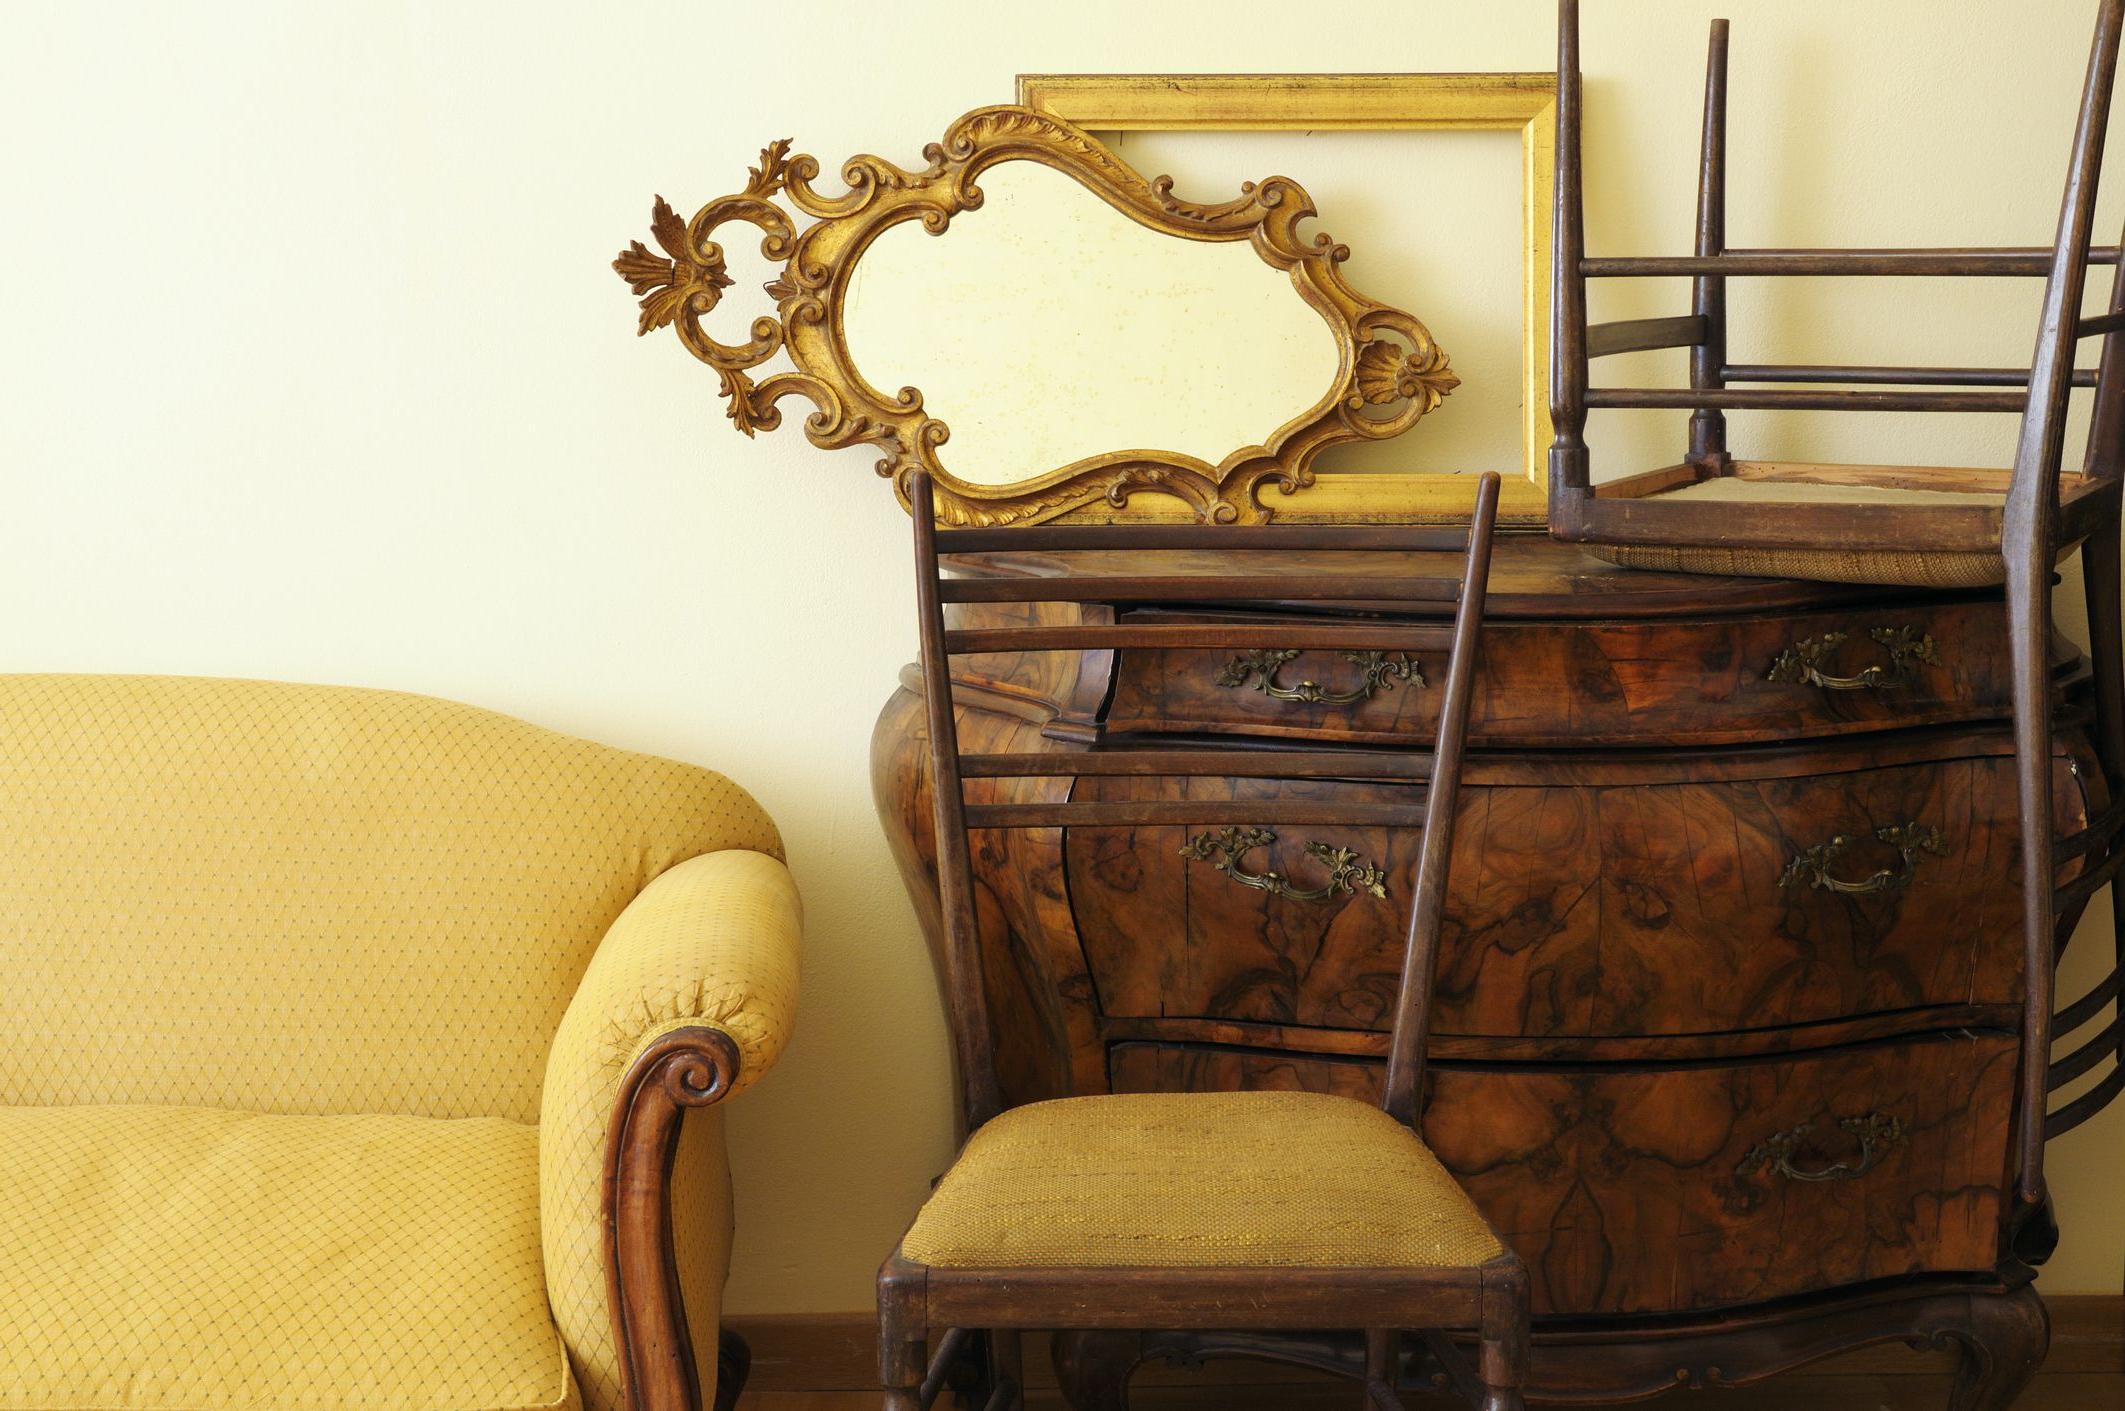 Quiero Vender Muebles Antiguos 8ydm 10 Consejos Para Vender Tus Muebles Usados